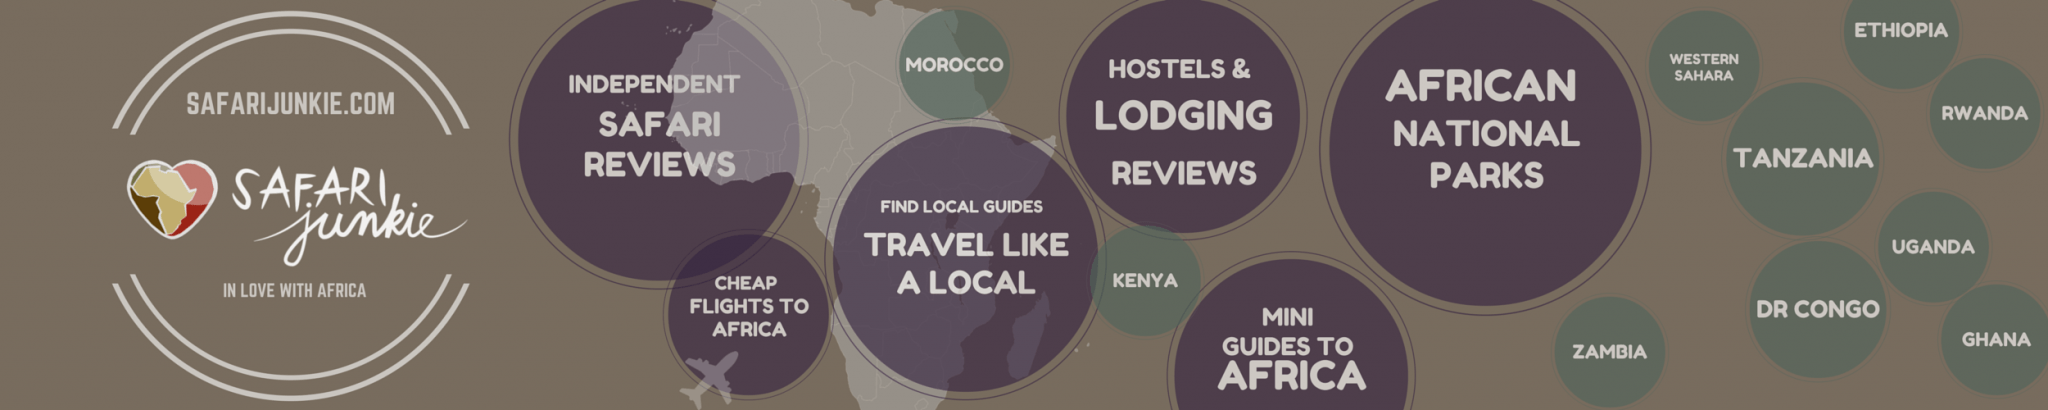 africa safari reviews blog safari junkie